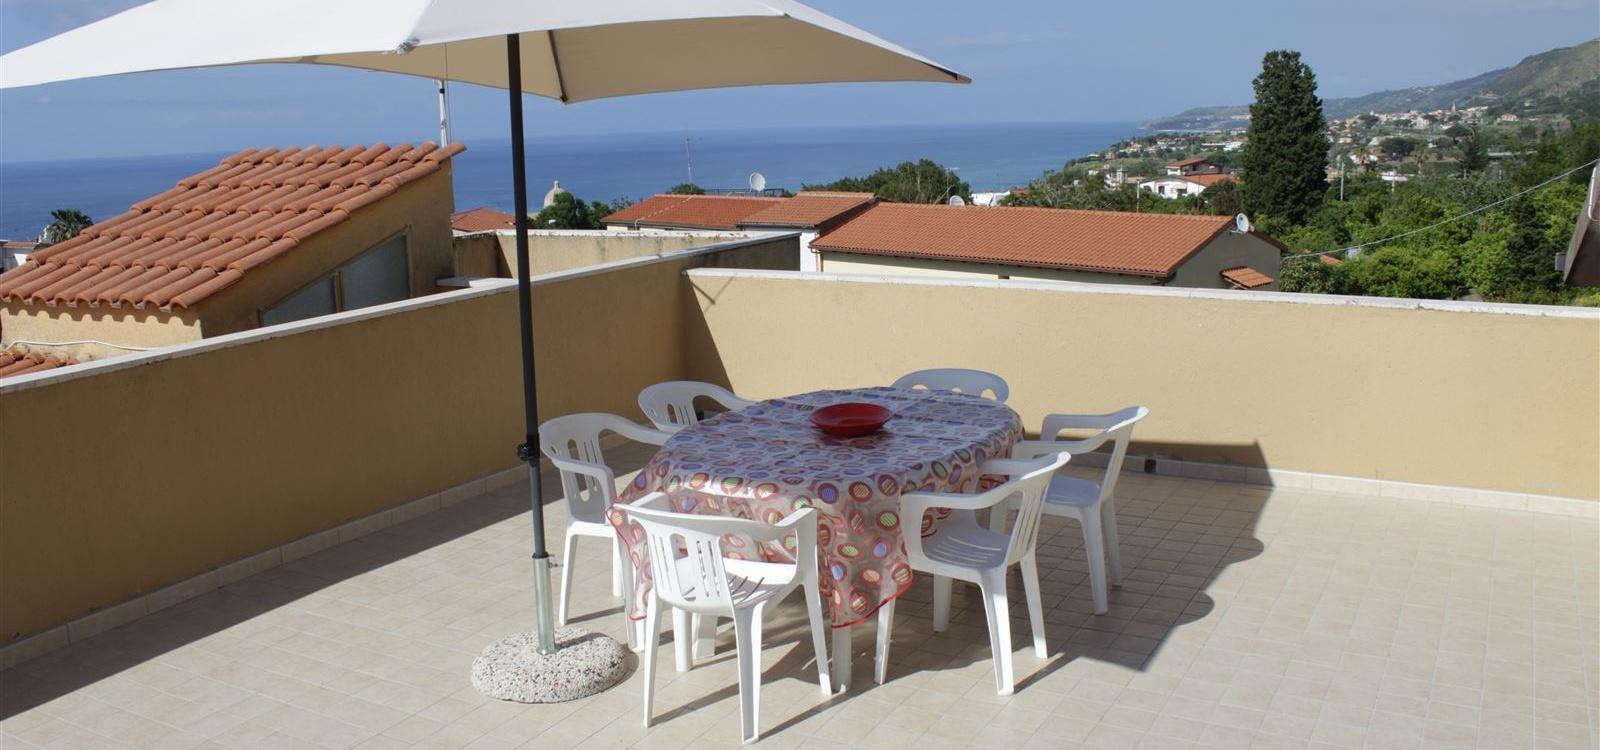 Gurnella  Appartamenti Per Vacanze A Tropea Vicino Al